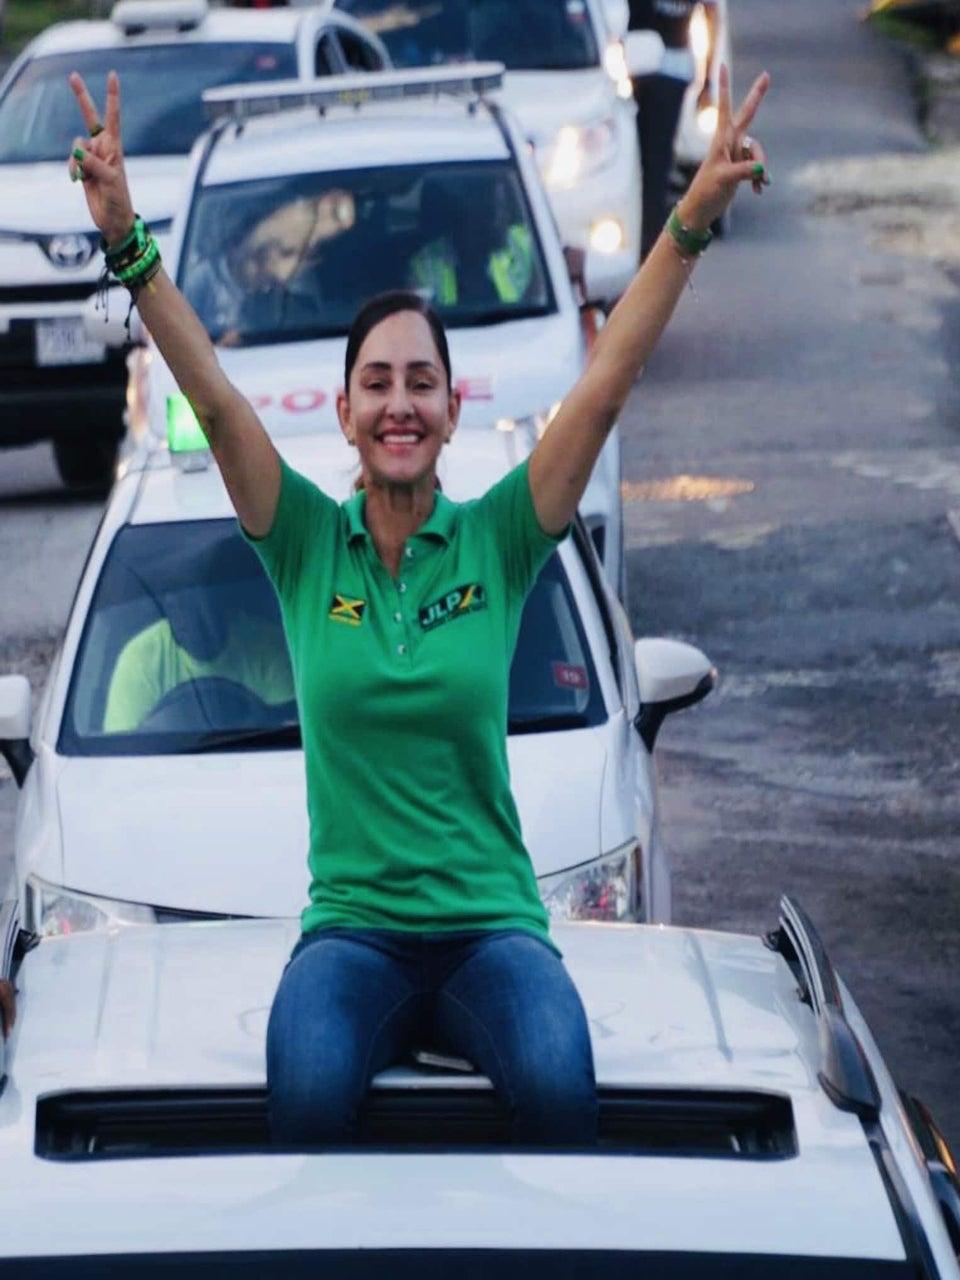 Jamaica's Ann-Marie Vaz On Her Historic Political Win